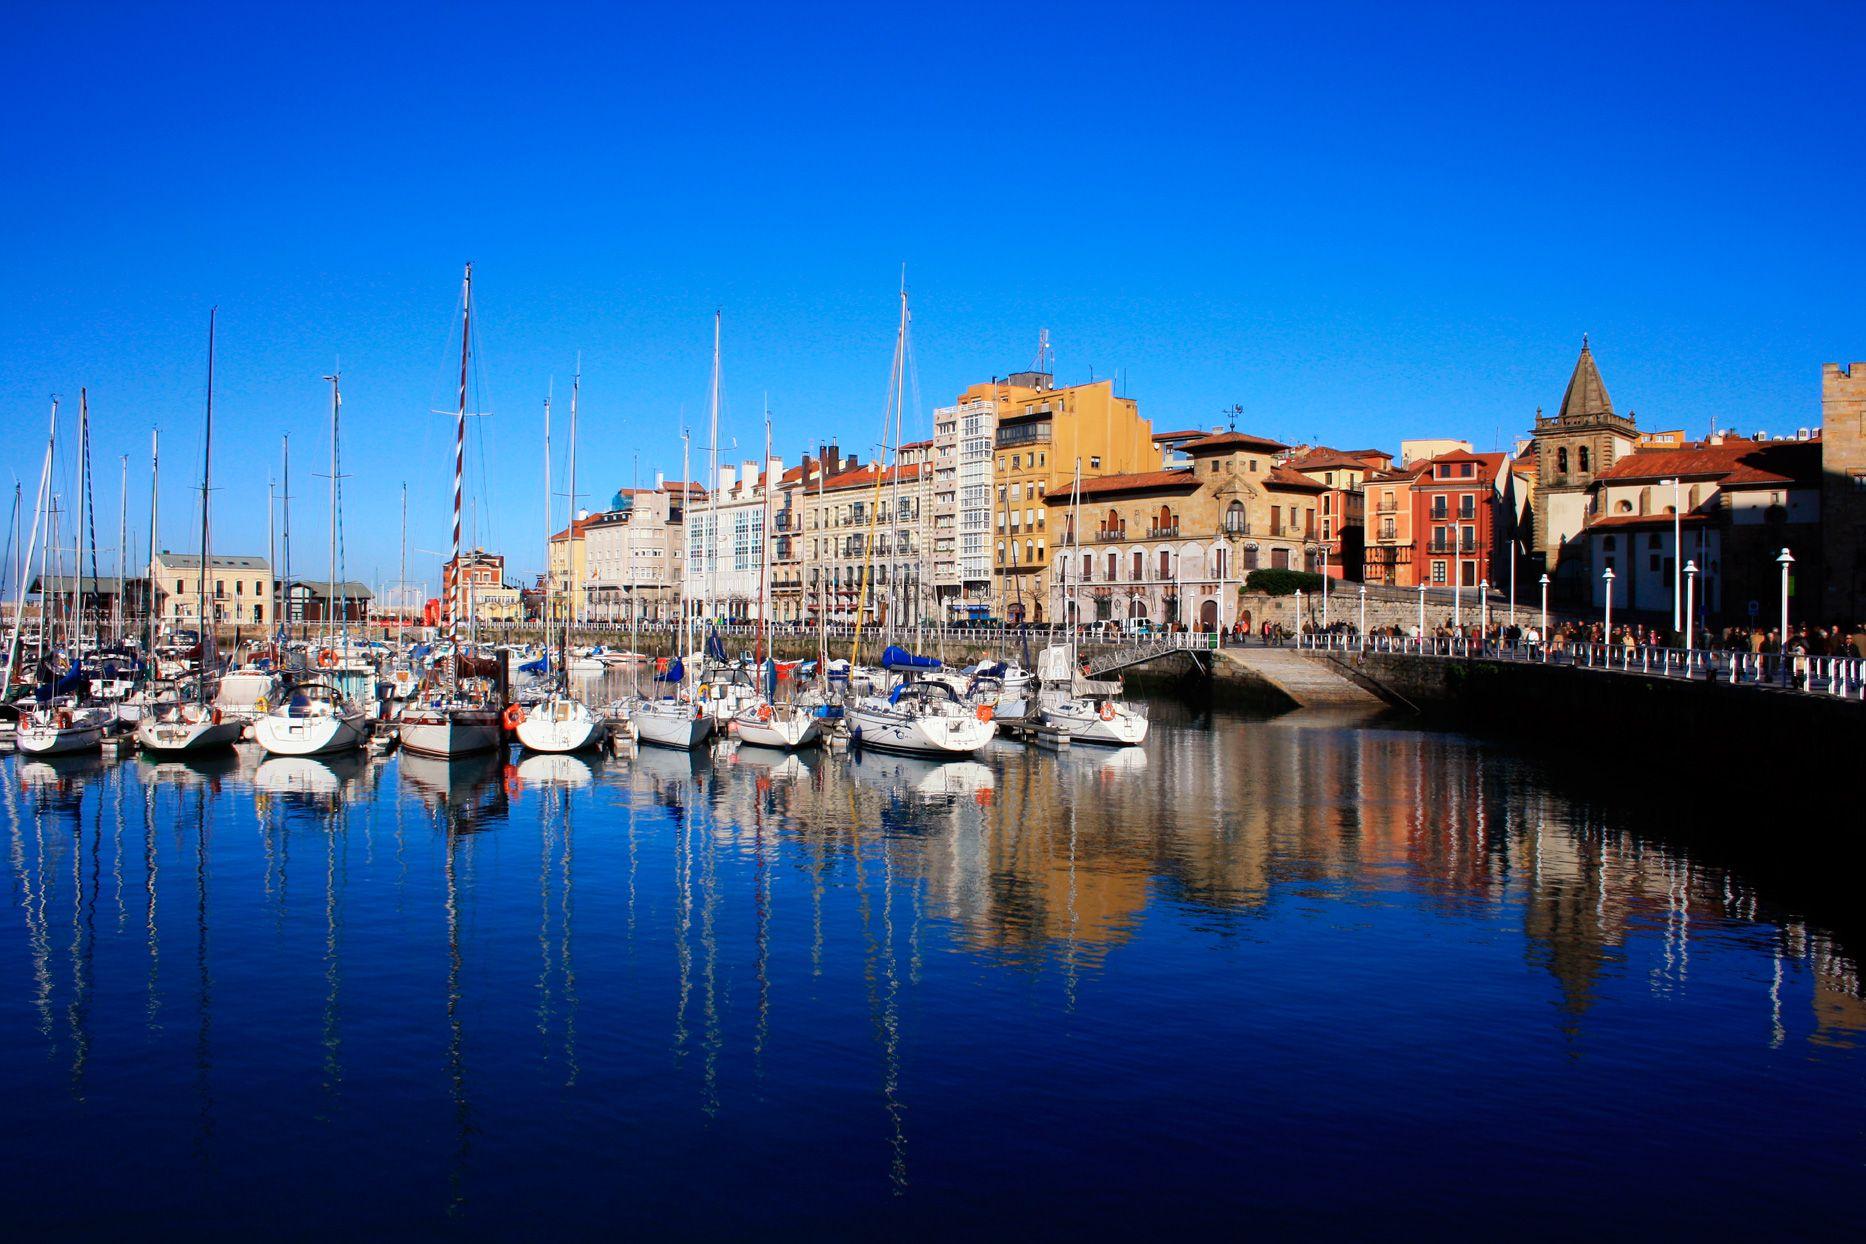 Puerto deportivo gijon asturias ciudades espa olas - Puerto deportivo gijon ...